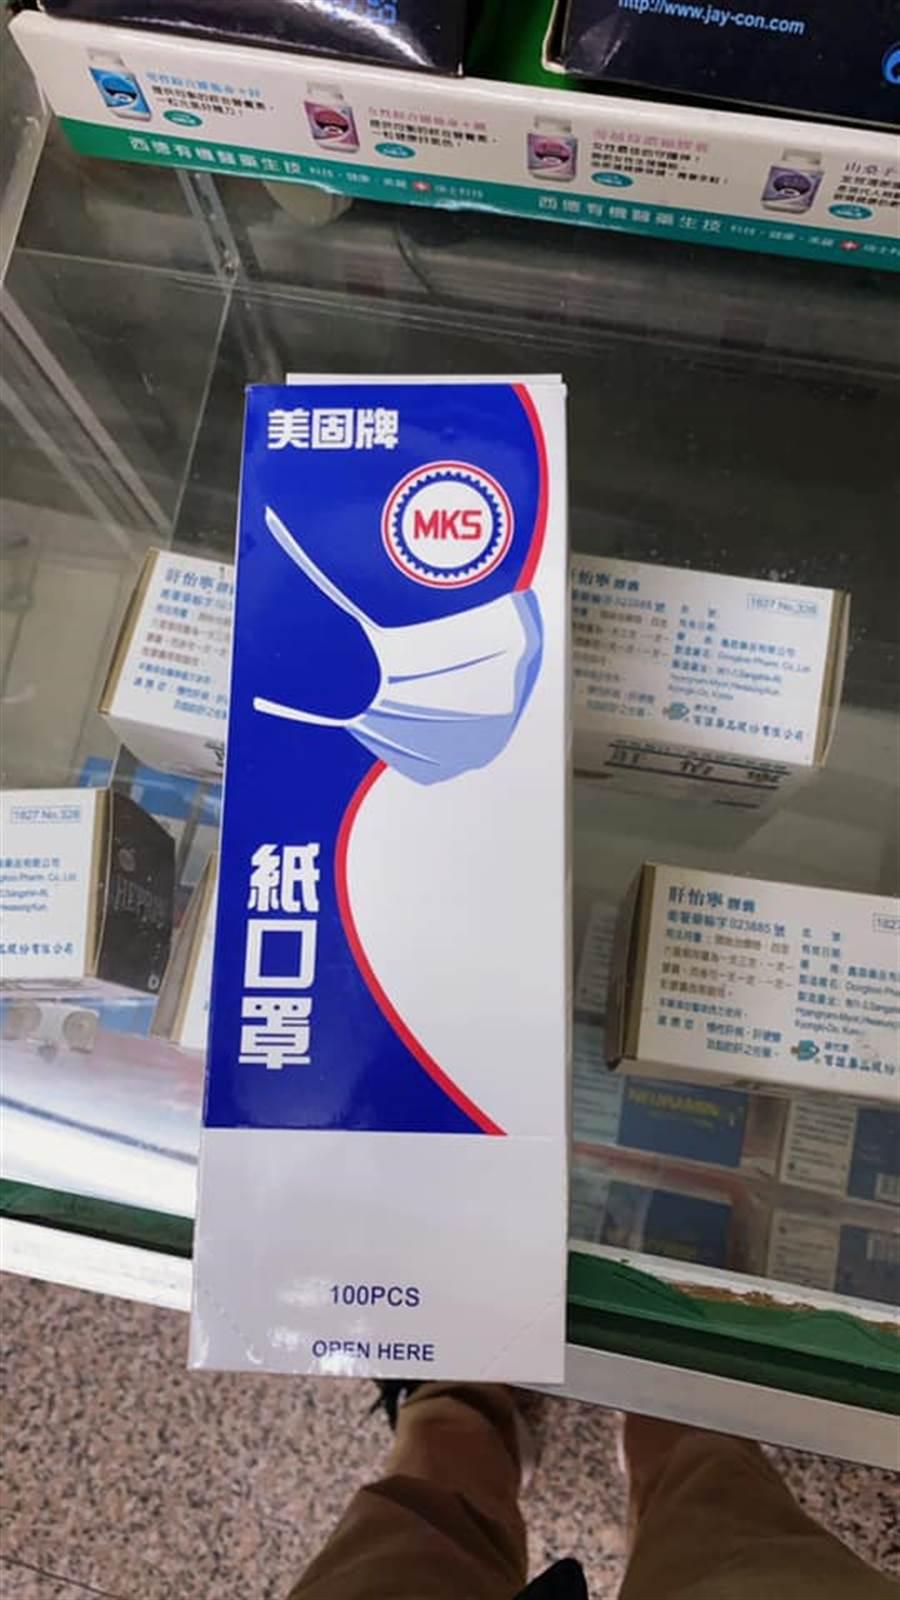 網友在新竹爆料公社表示買了一盒100入的紙口罩800元,去其他藥局諮詢才發現自己被坑殺 (圖/翻攝自新竹爆料公社)